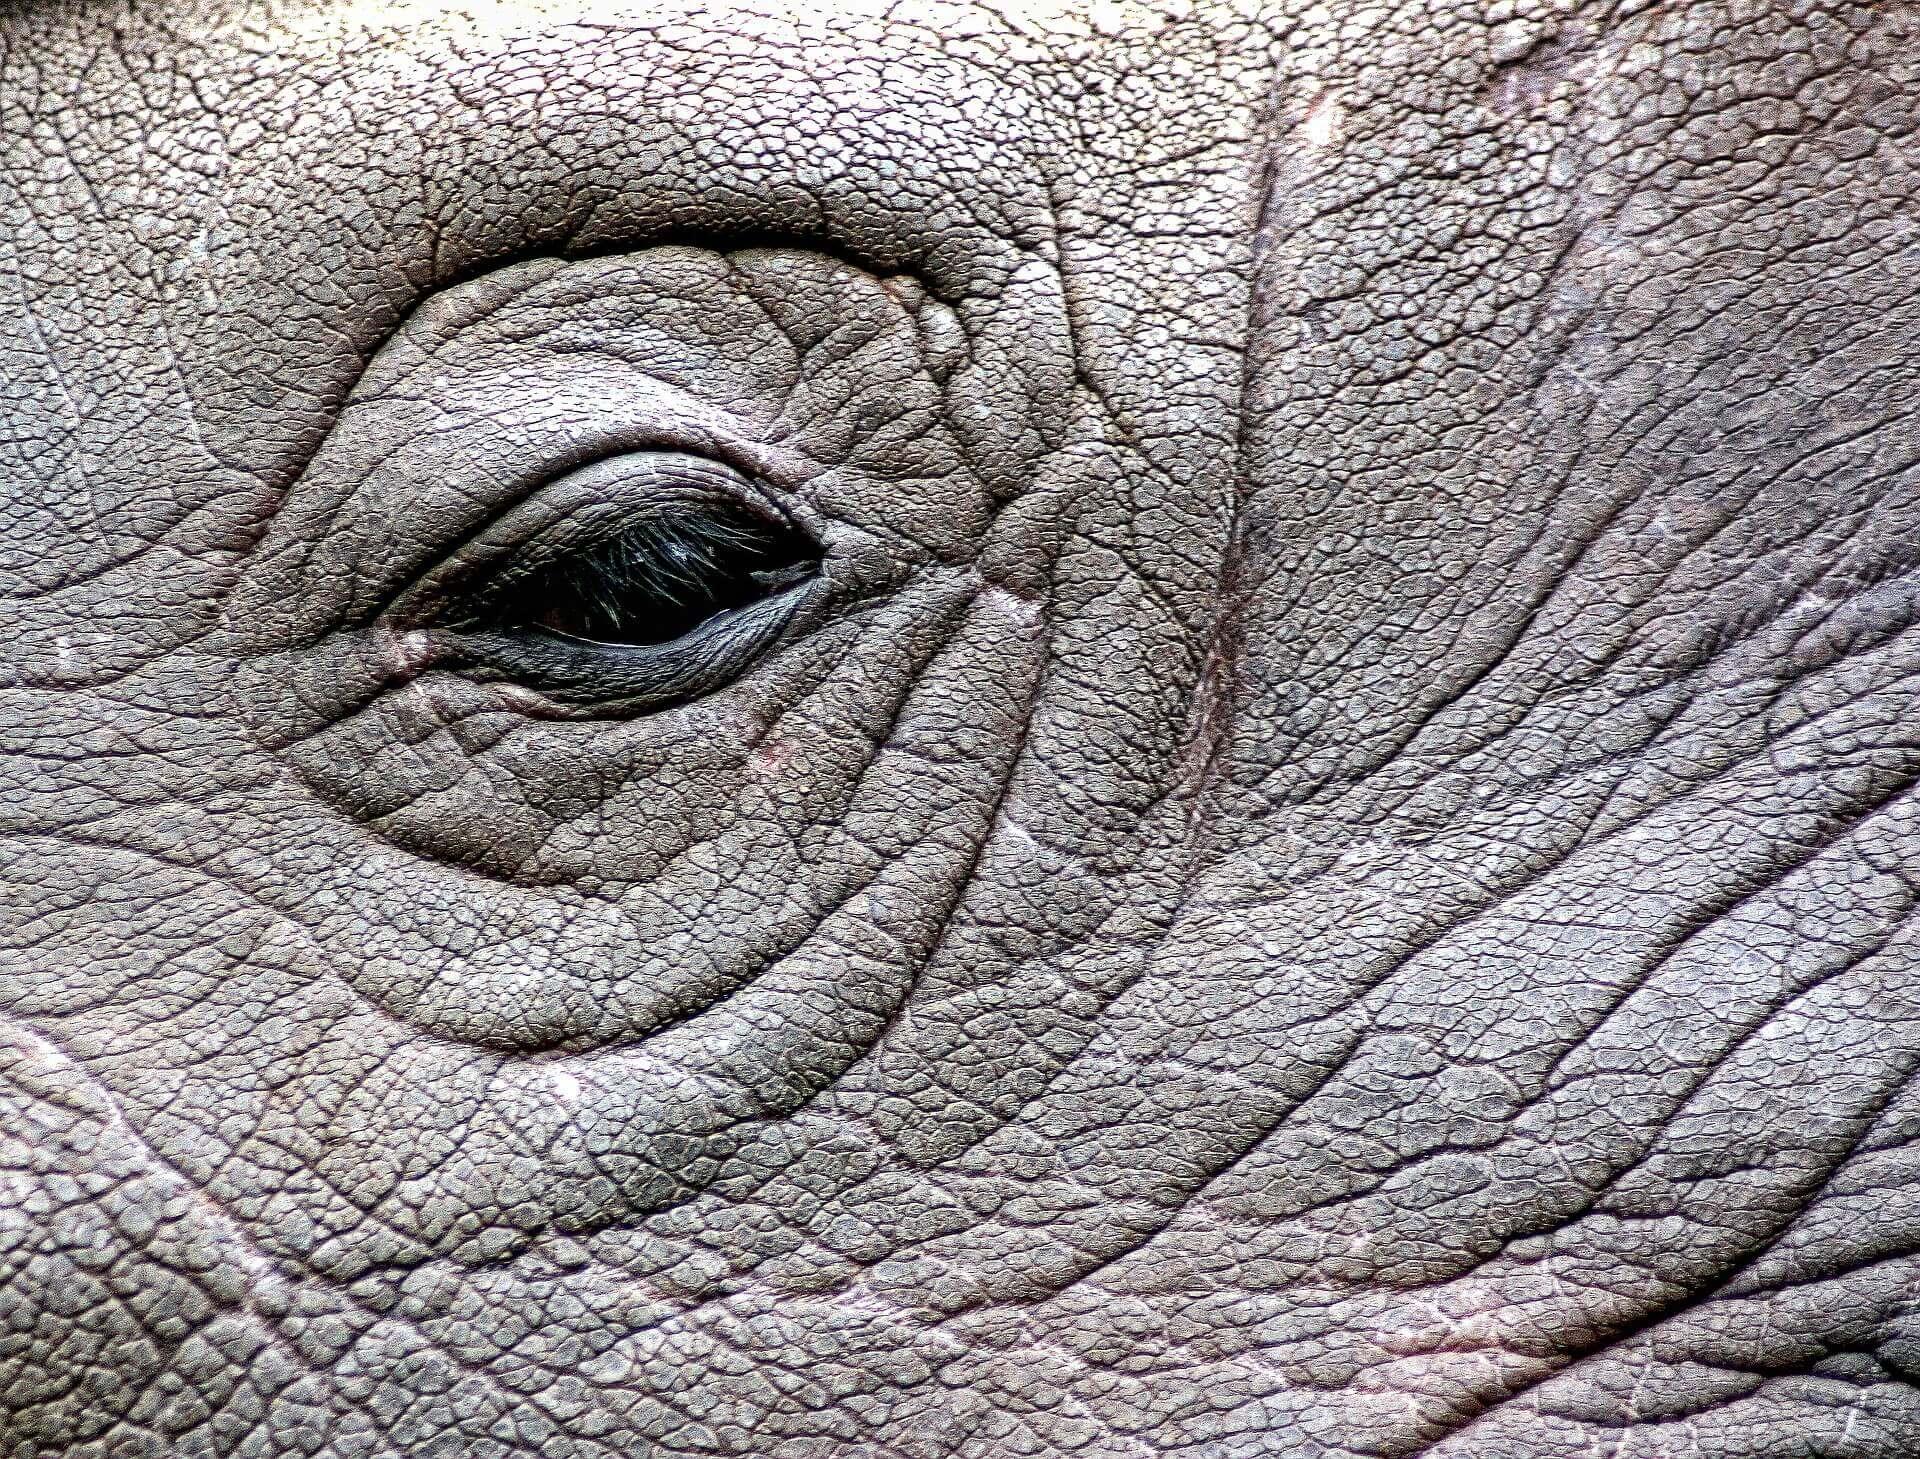 En France, des braconniers assassinent un rhinocéros pour sa corne